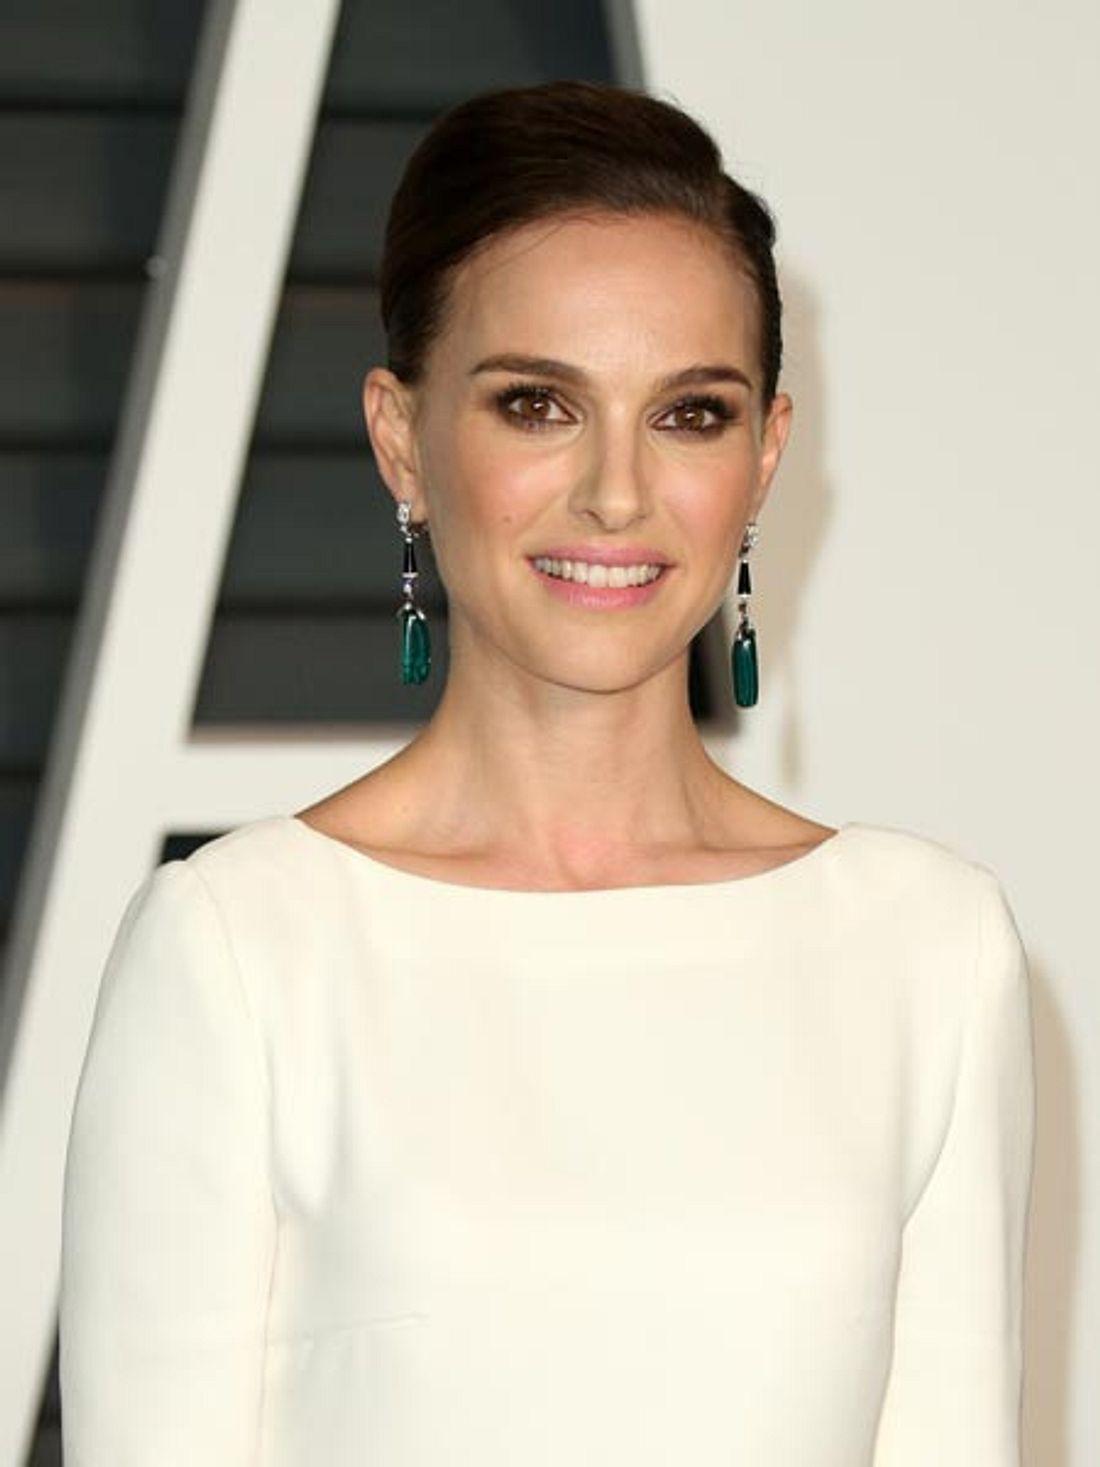 Sie ist die Schönste: Natalie Portman